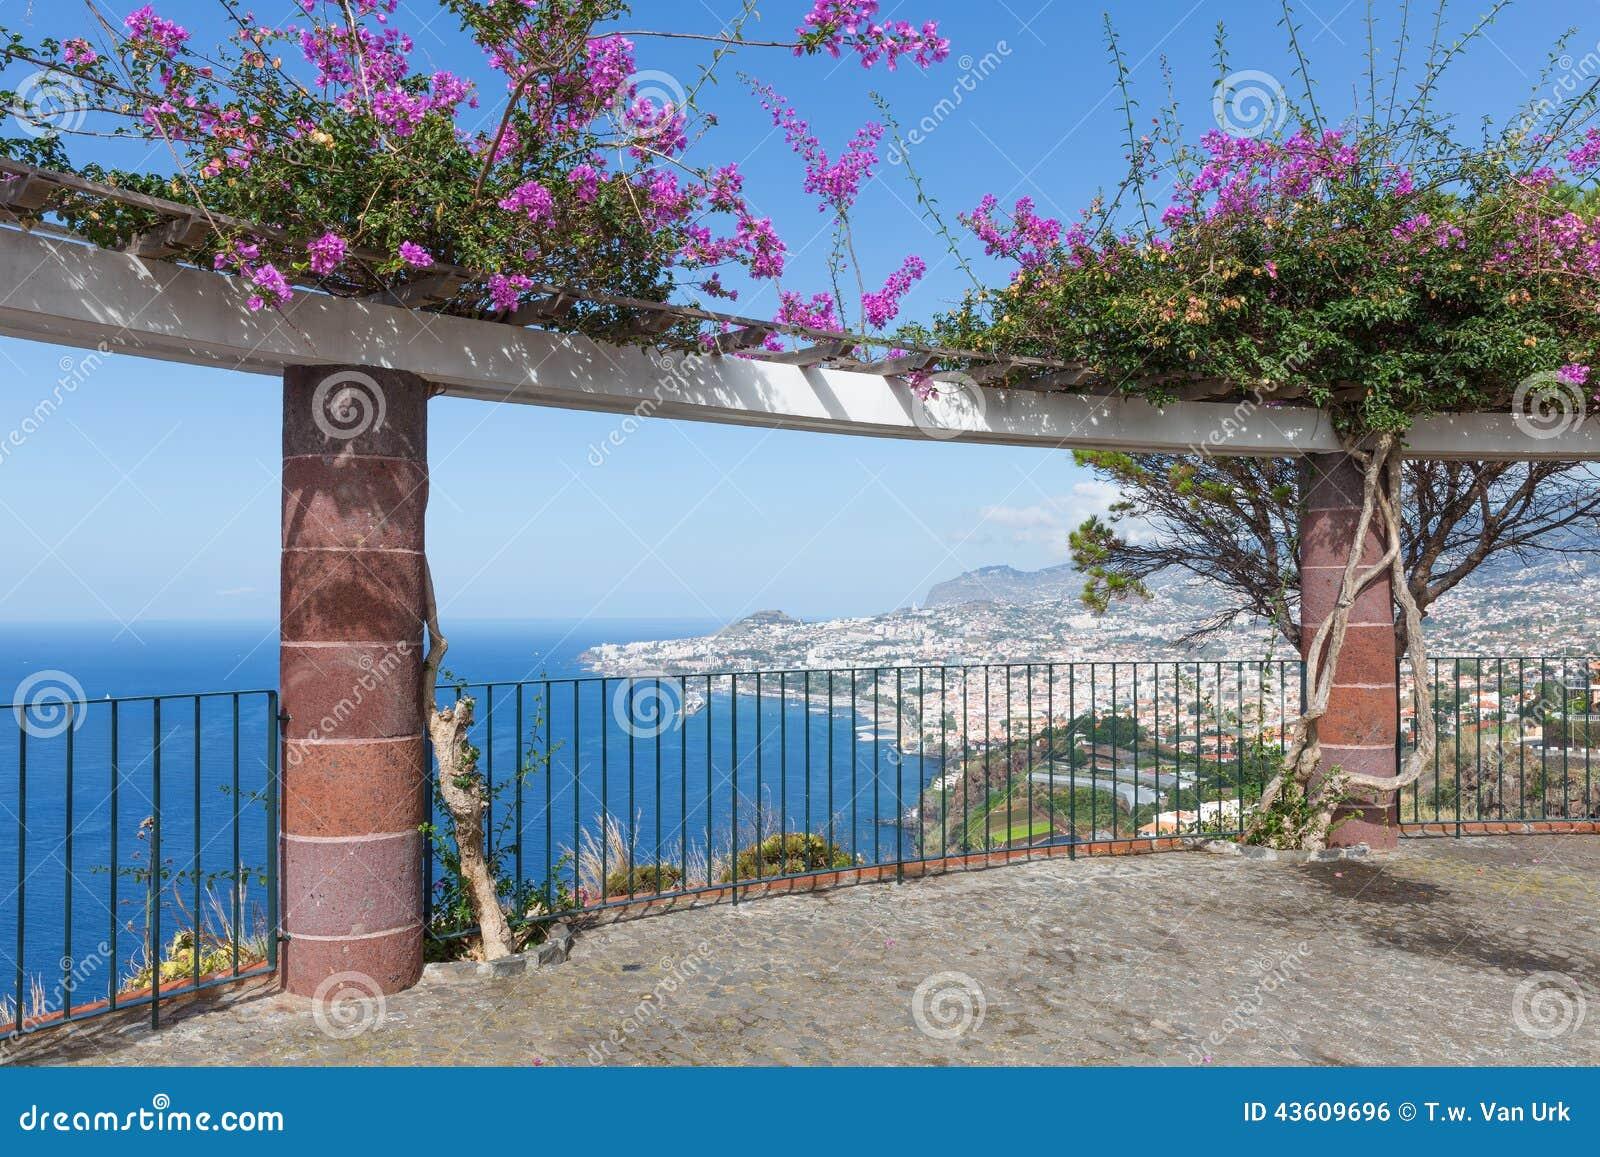 用装饰花观看平台和一张鸟瞰图在丰沙尔,马德拉岛